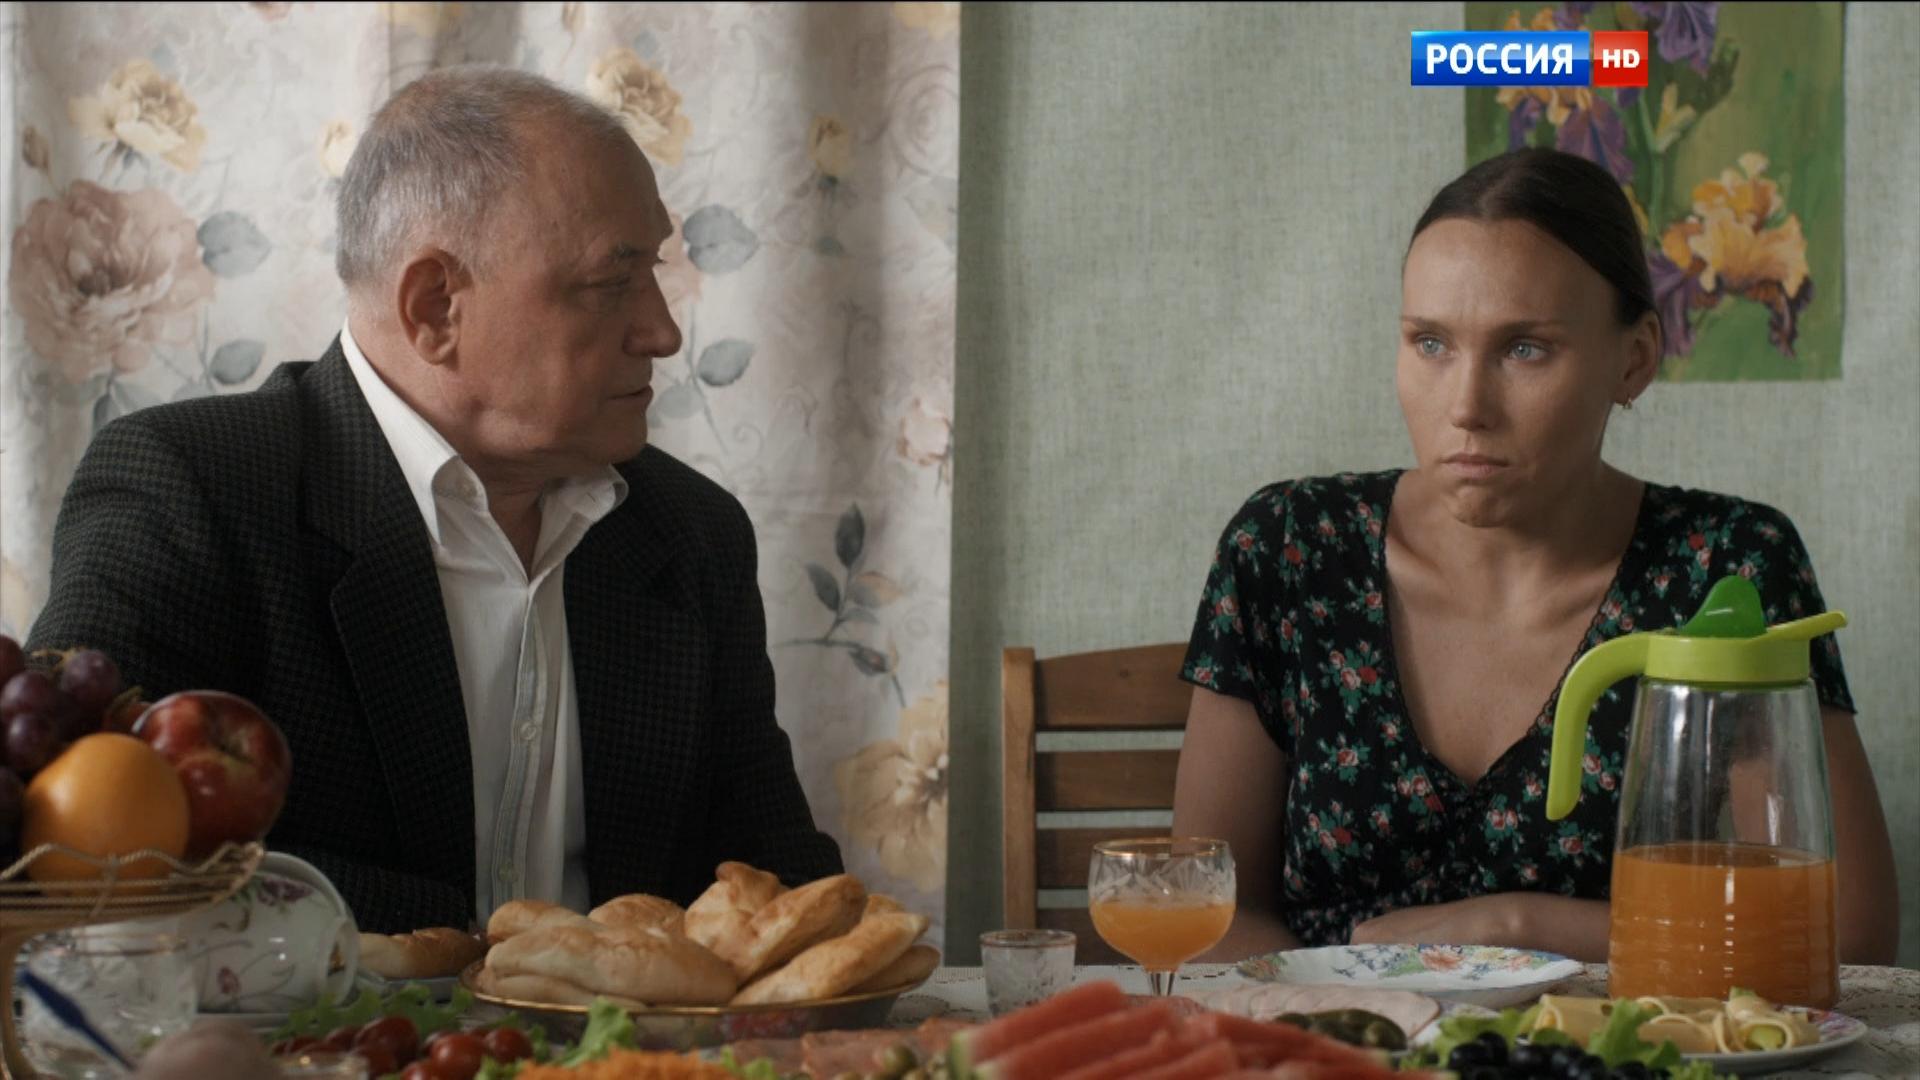 Некрасивая любовь 2015 HDTV 1080i.ts_snapshot_00.07.02_[2016.01.22_10.01.20].png